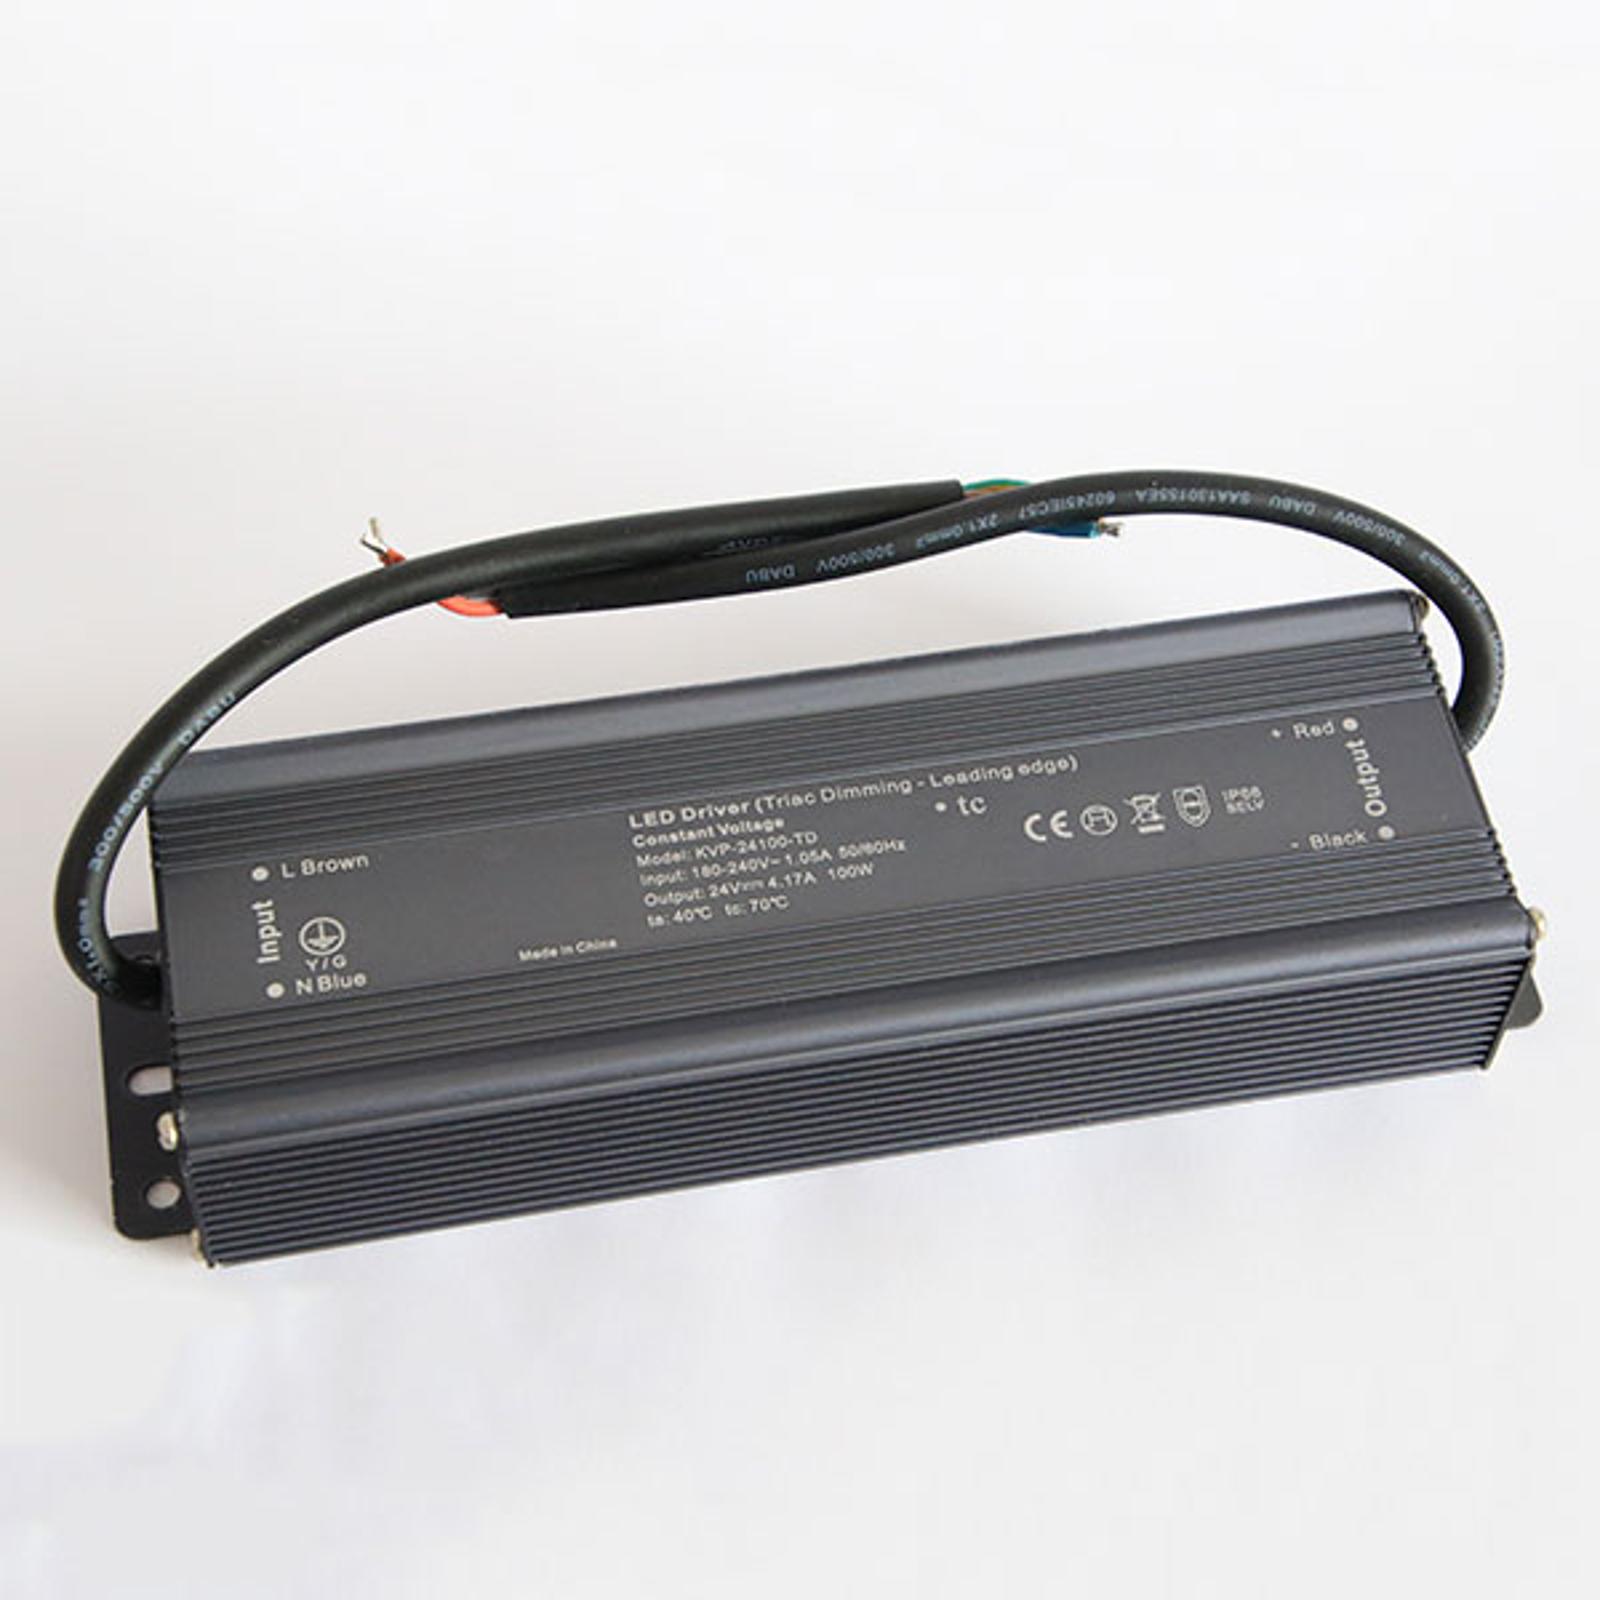 TRIAC nettdel dimbar IP66 LED 360 W